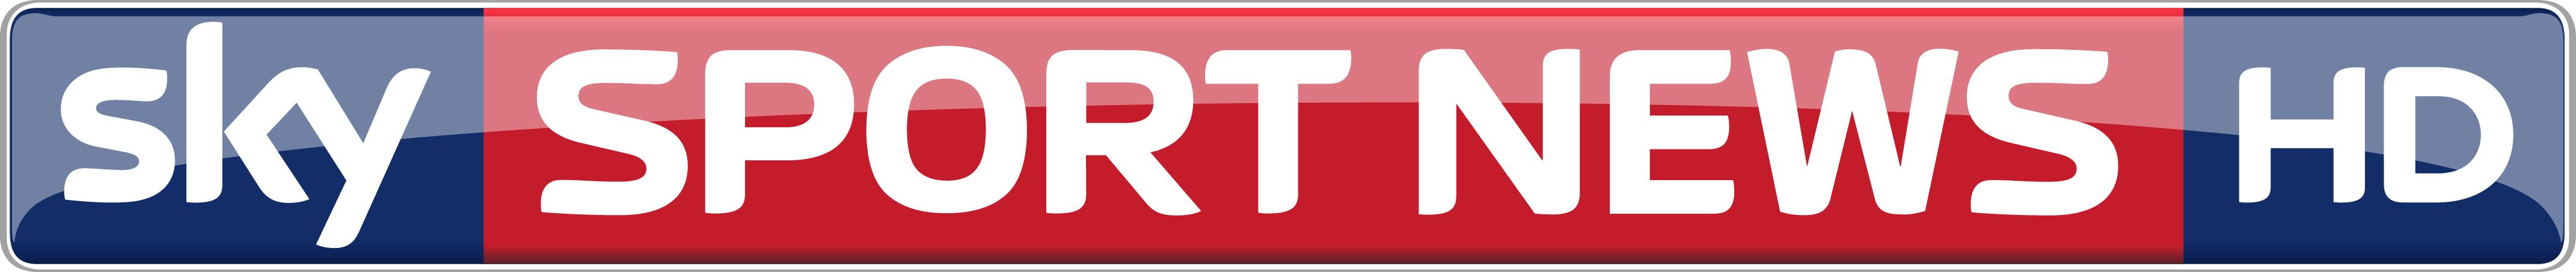 Sky Sport News Hd Handball